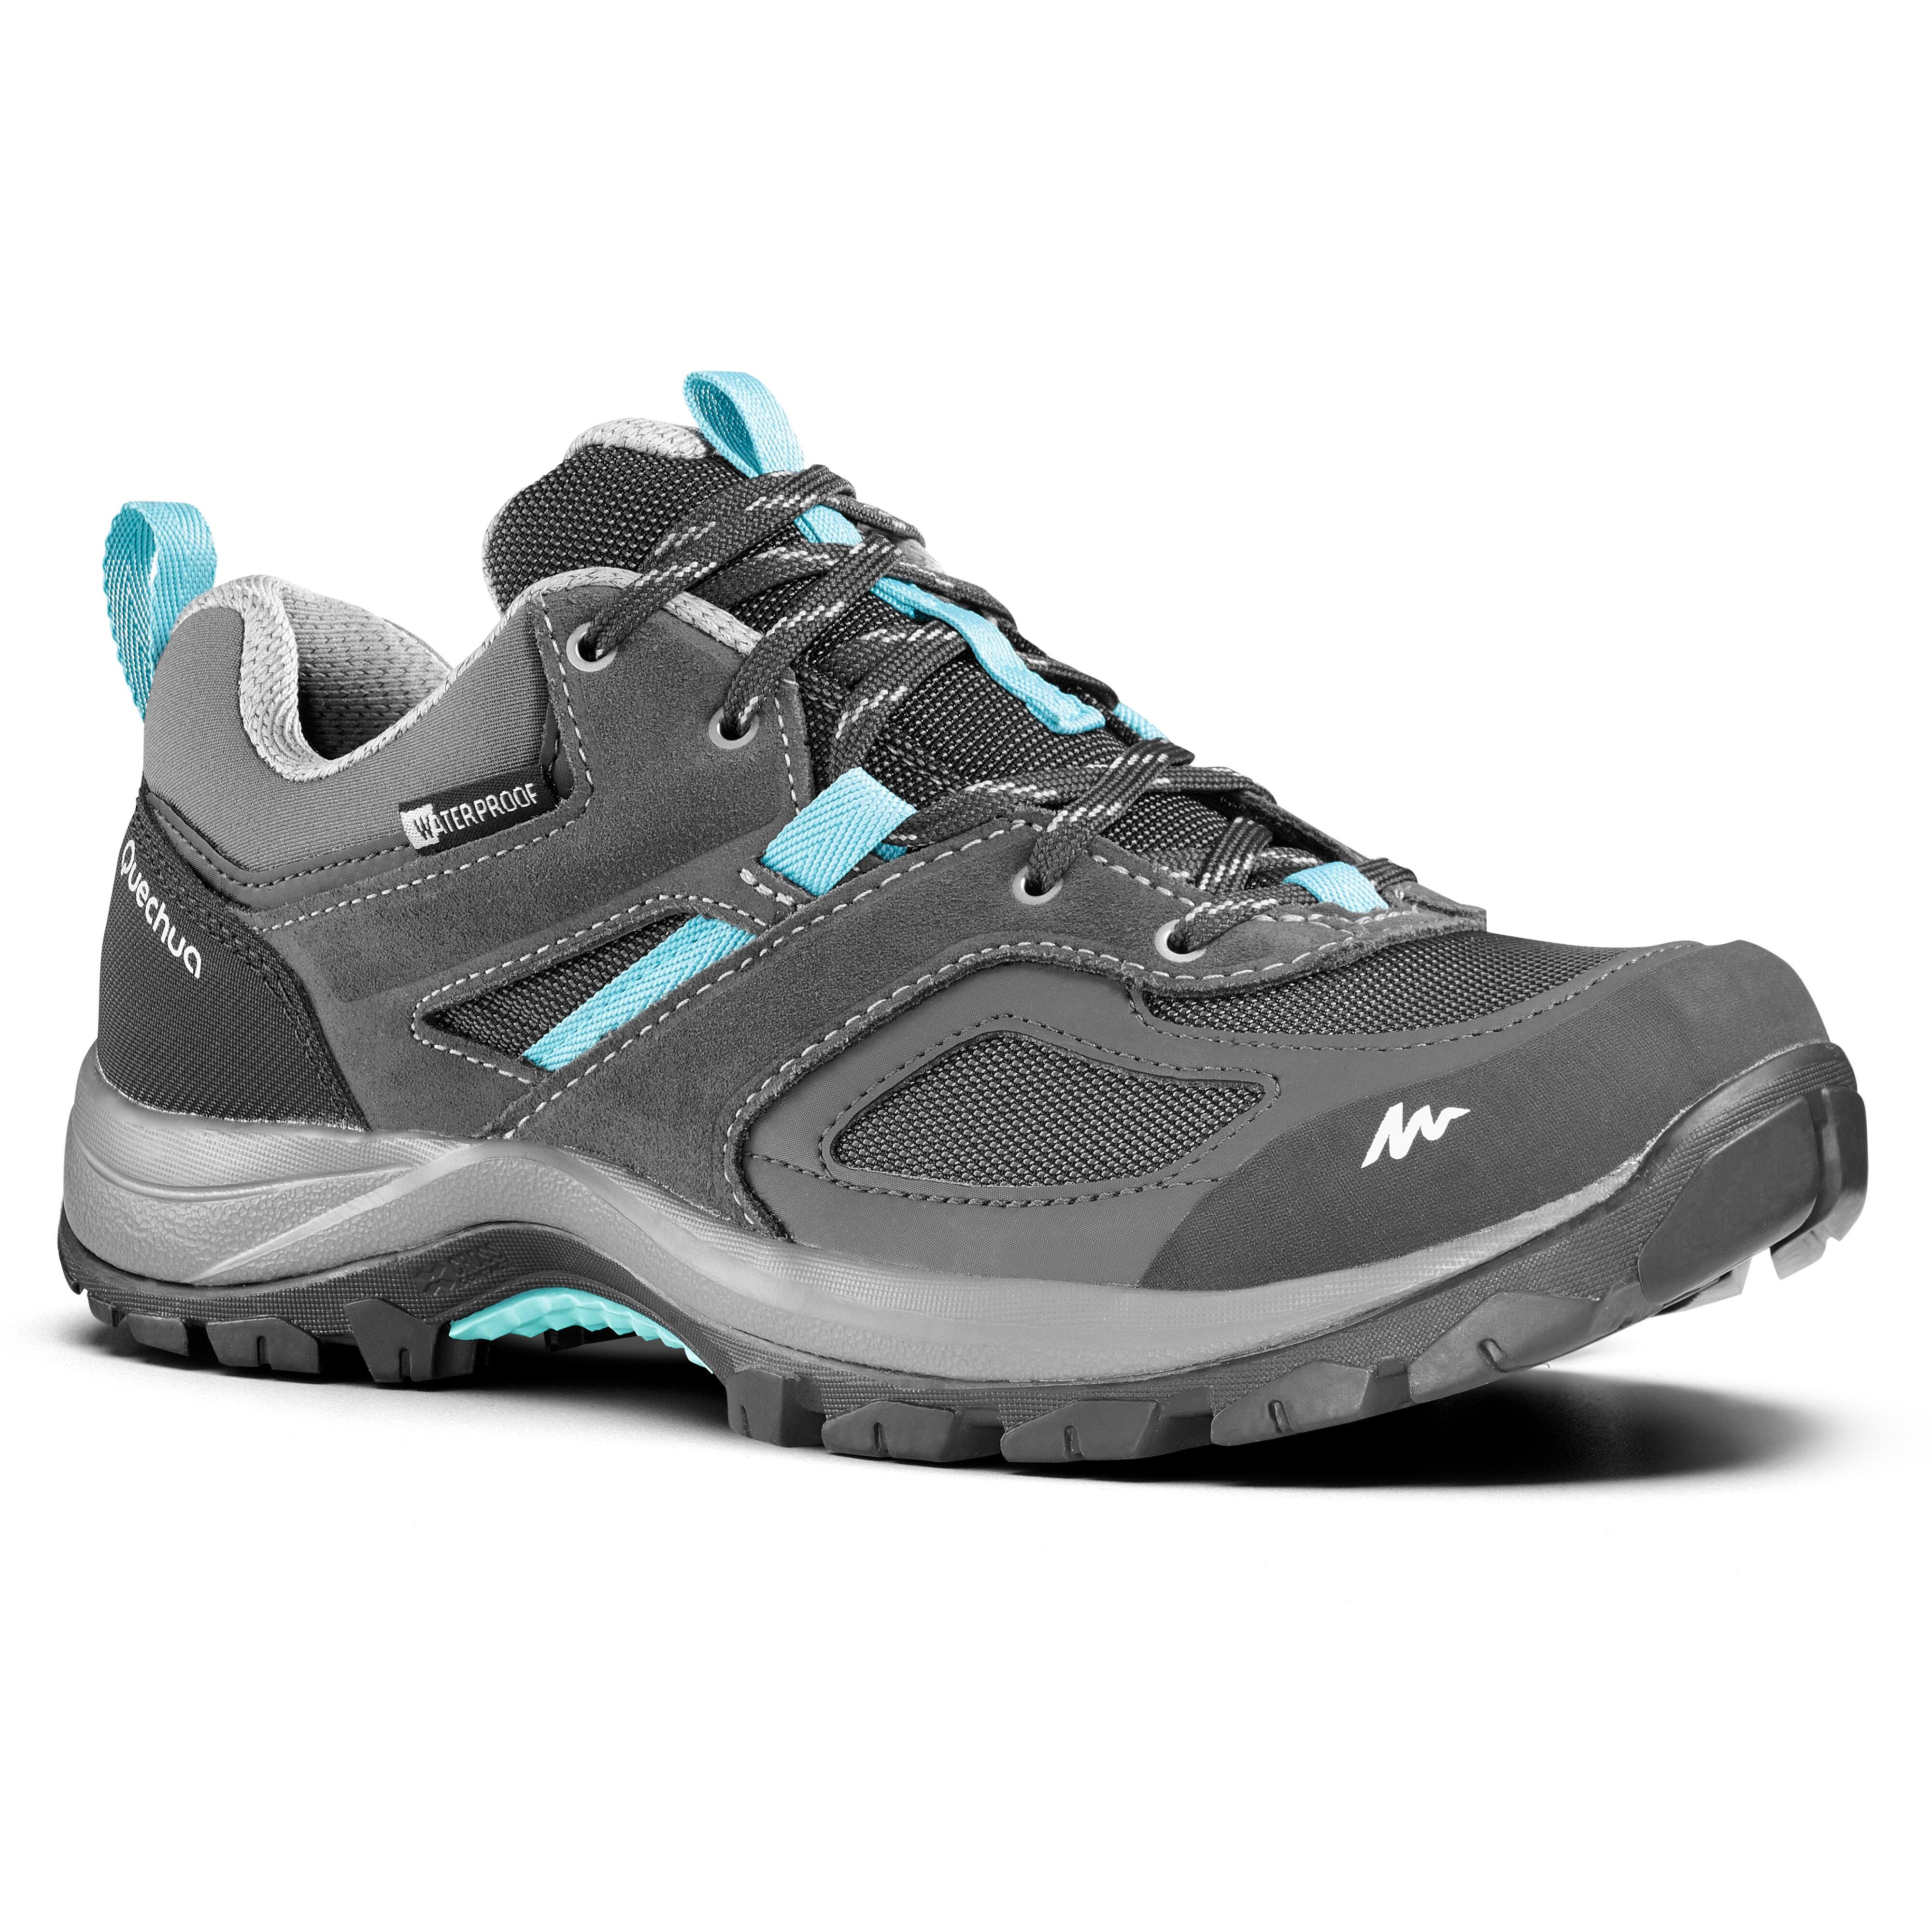 1ddcd1ed41d Comprar Zapatillas de Montaña y Trekking